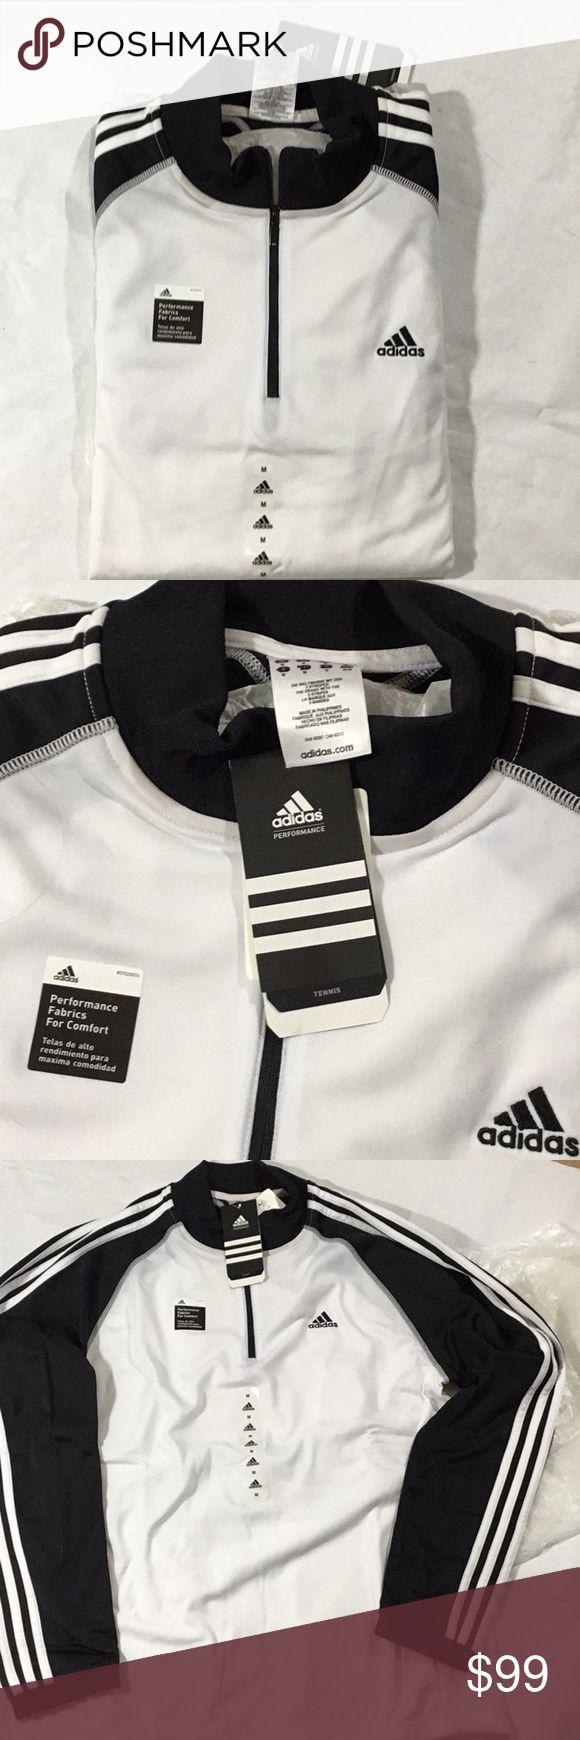 Adidas Response Jacket Size Medium Adidas Response Jacket Size Medium      Listing:44593 Item #294754 adidas Jackets & Coats Performance Jackets